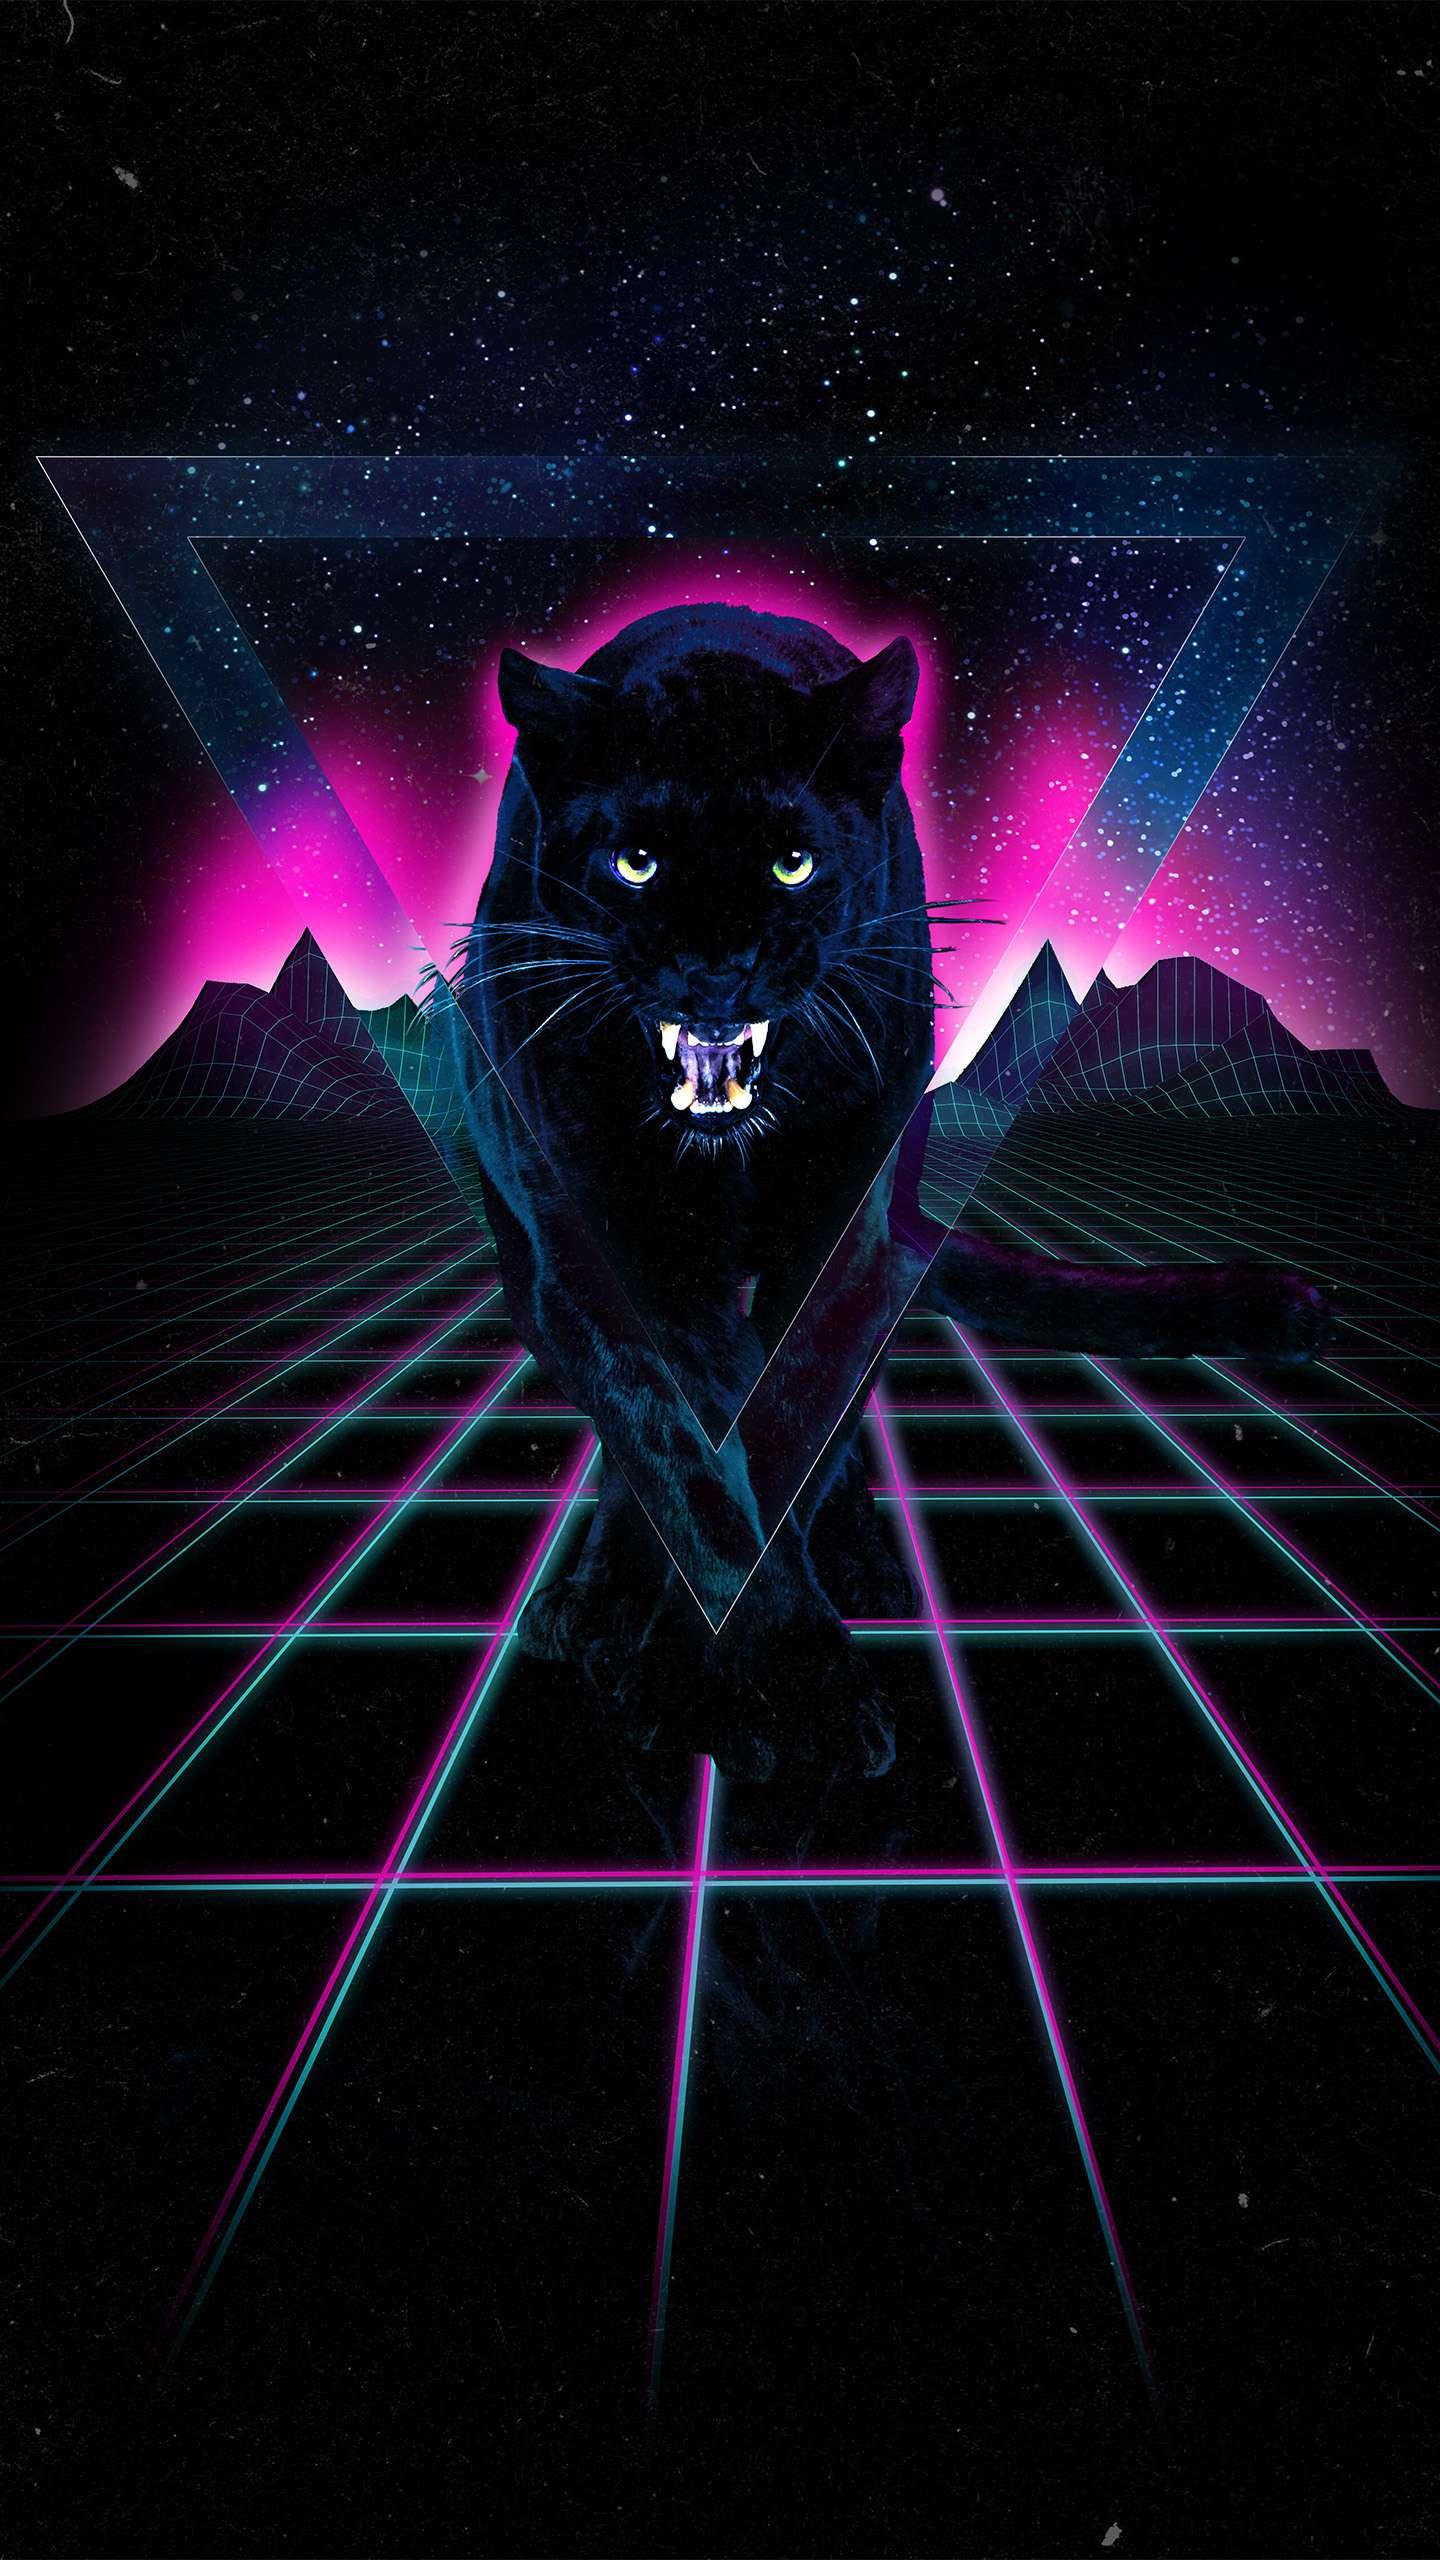 Black Jaguar Amoled Iphone Wallpaper Iphone Wallpapers